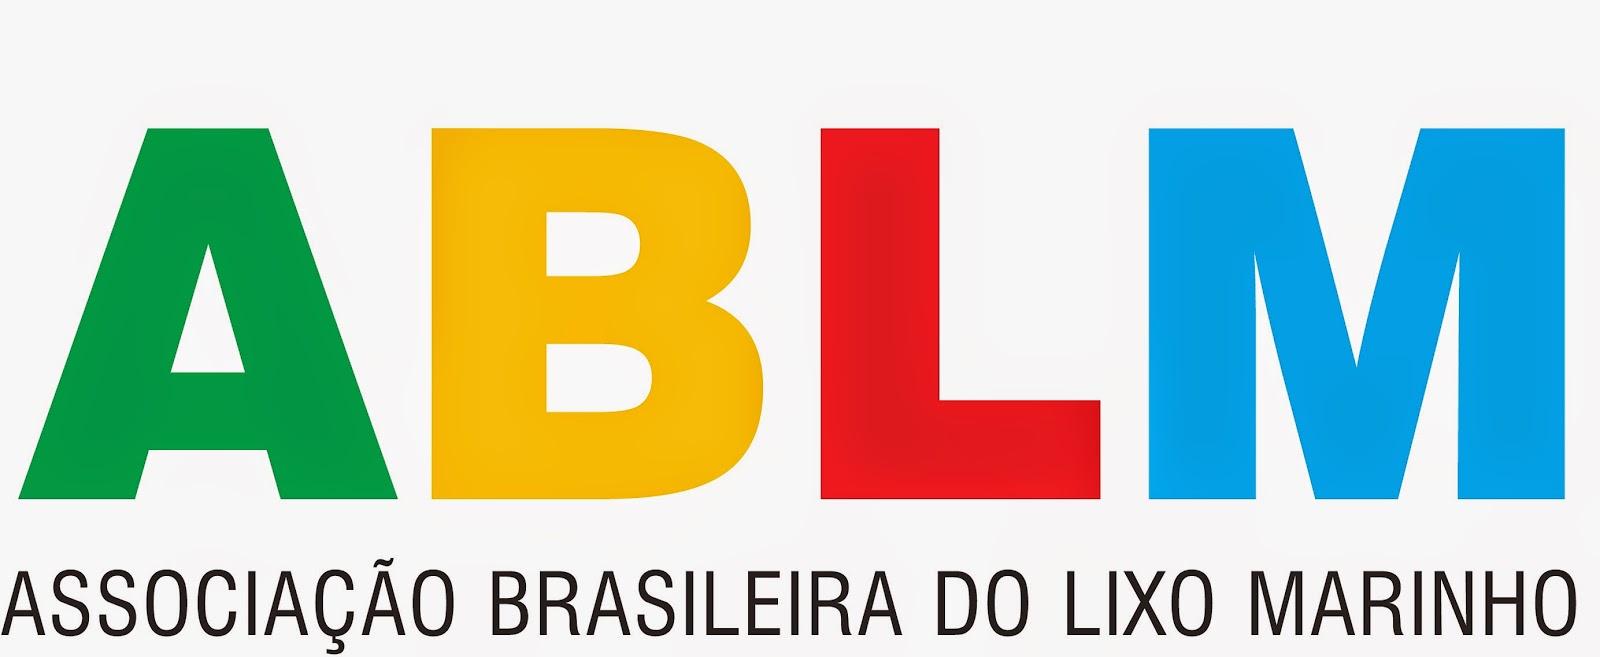 Associação Brasileira do Lixo Marinho é nossa parceira!